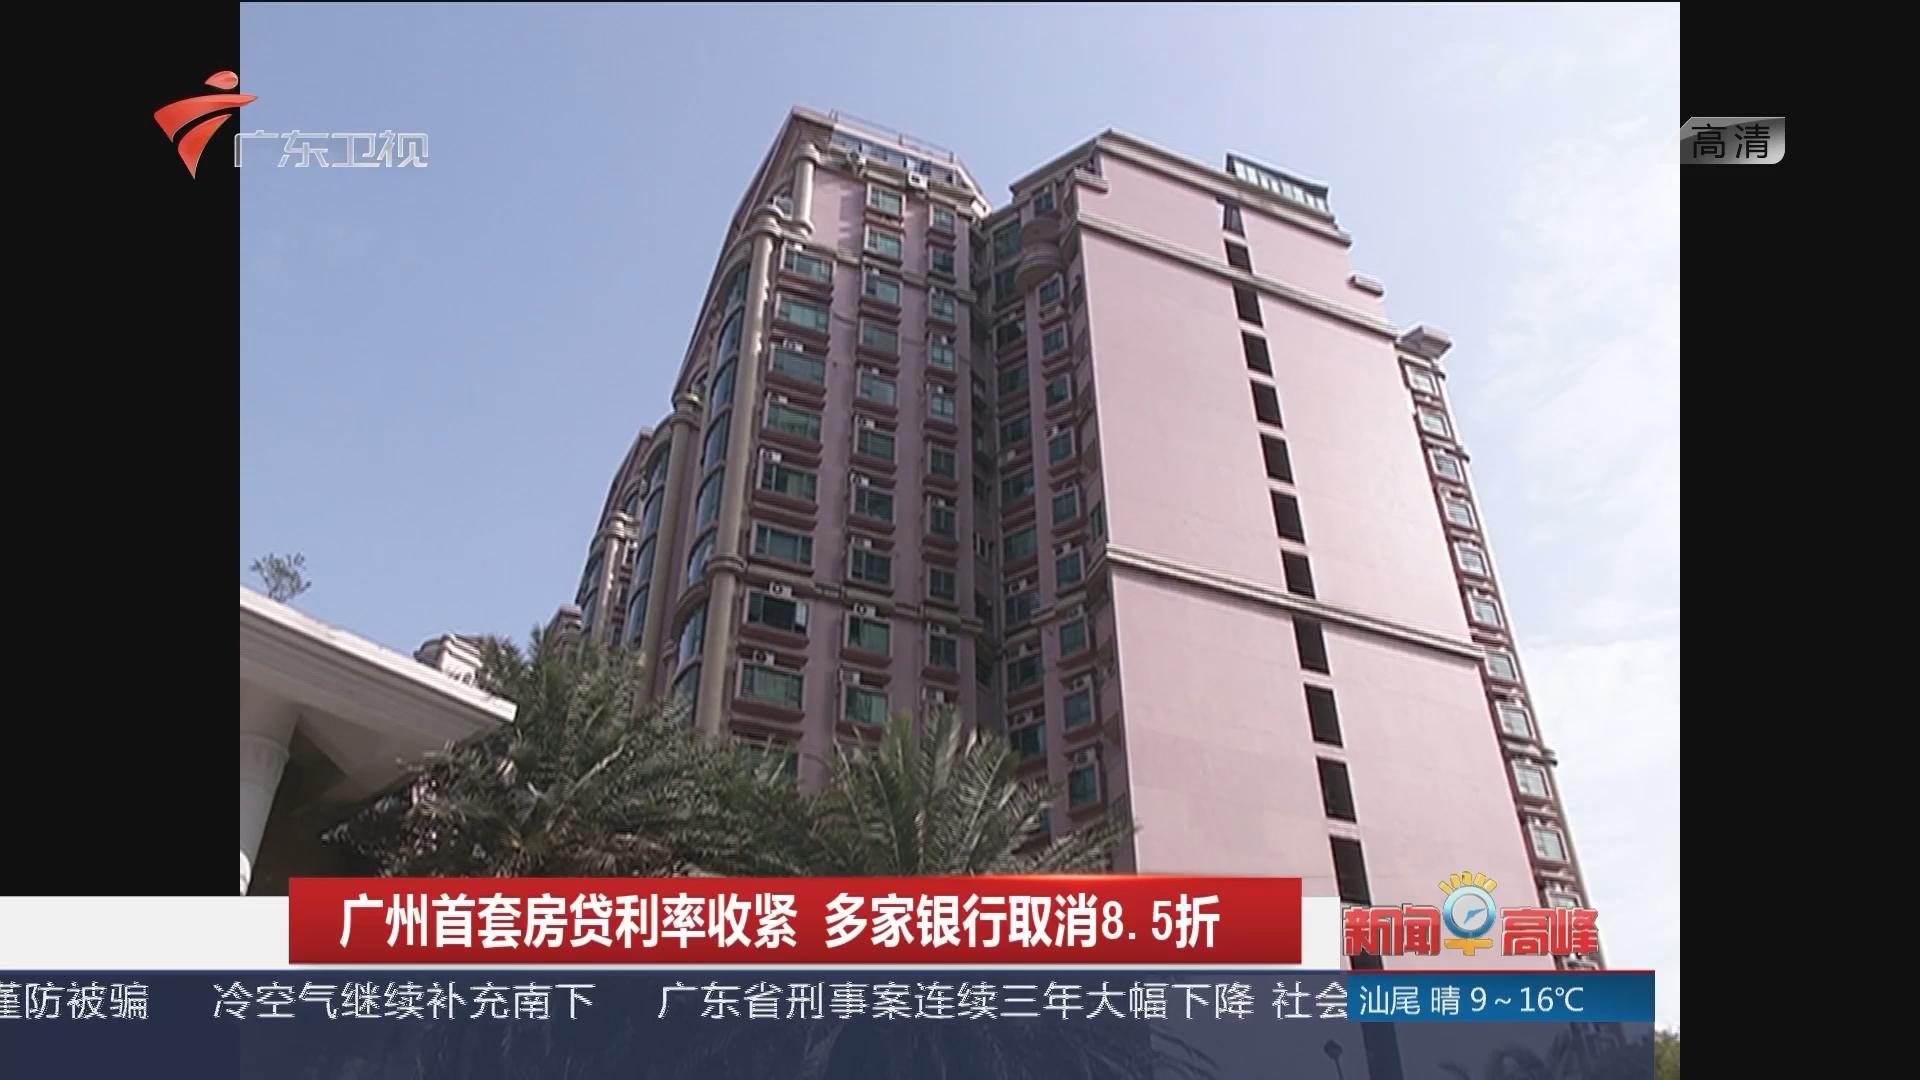 广州首套房贷利率收紧 多家银行取消8.5折